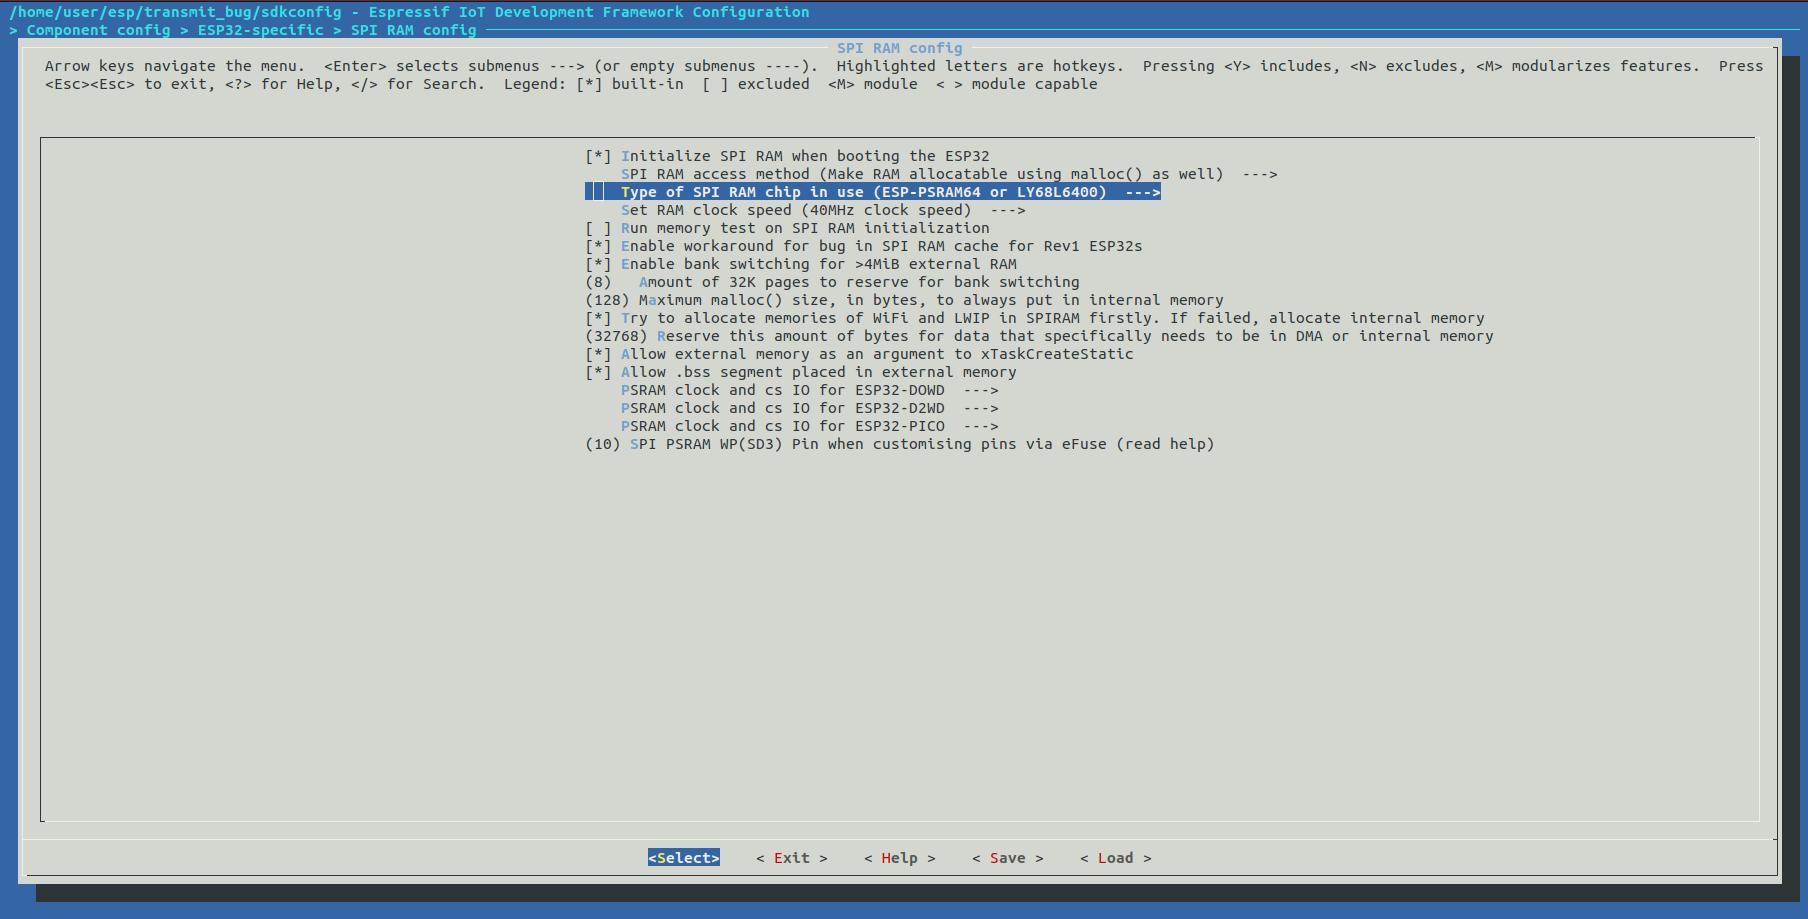 PSRAM Cache Issue stills exist (IDFGH-31) · Issue #2892